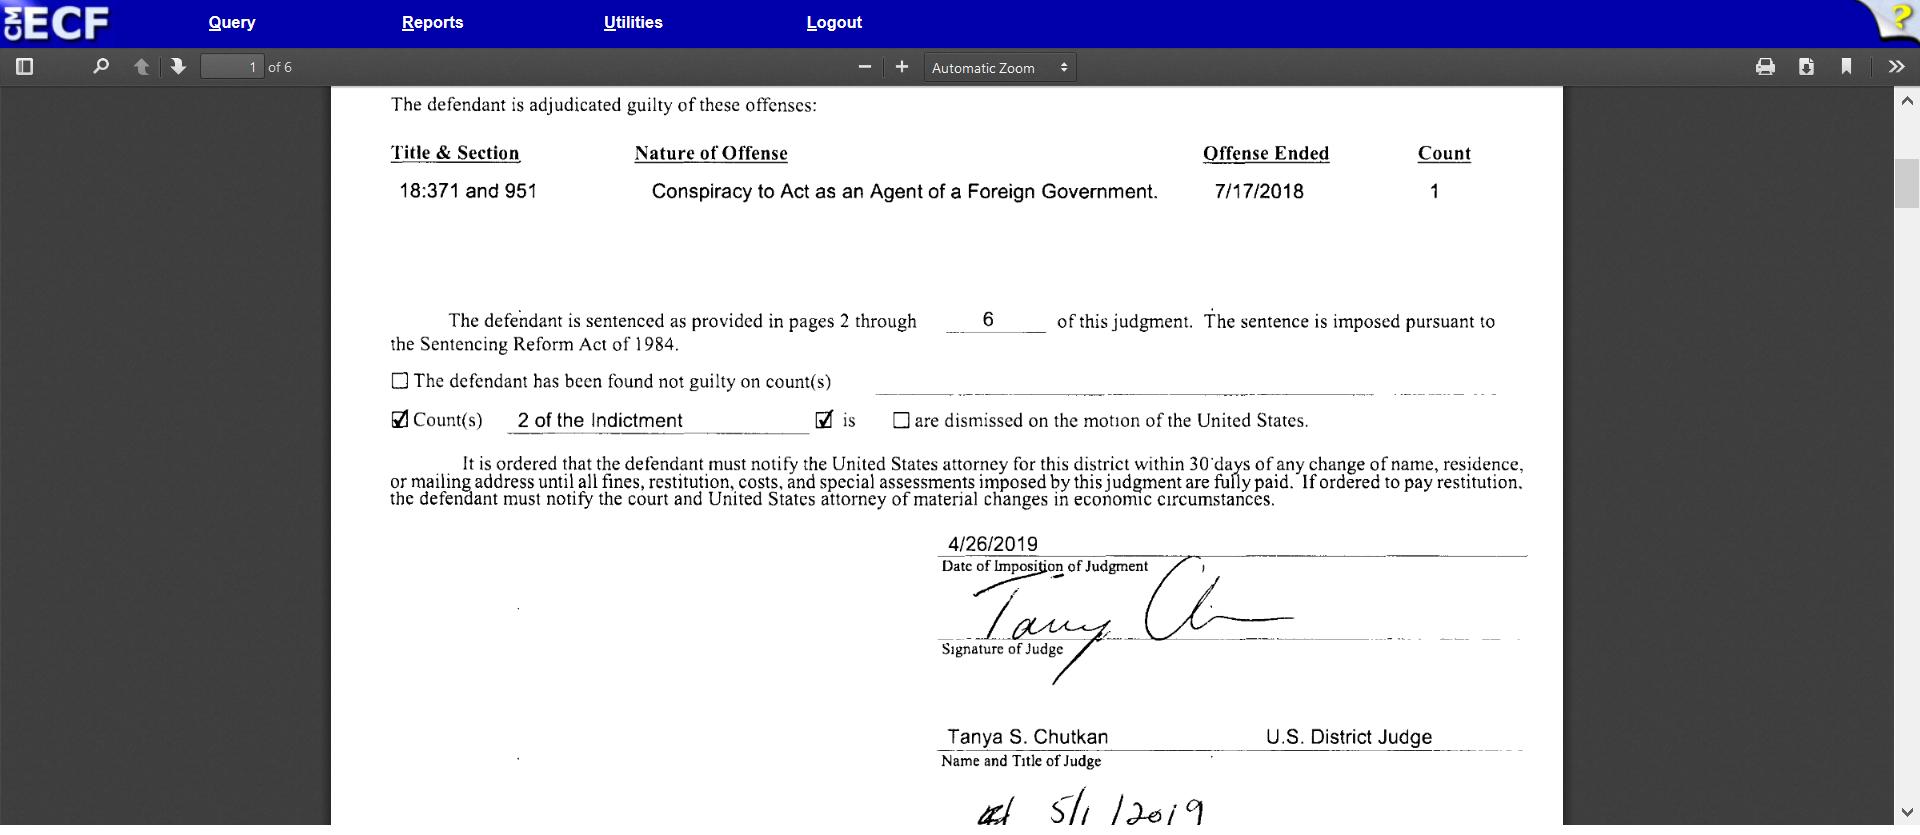 Chutkan signature judgment of Butina criminal offense dated April 26 2019.png